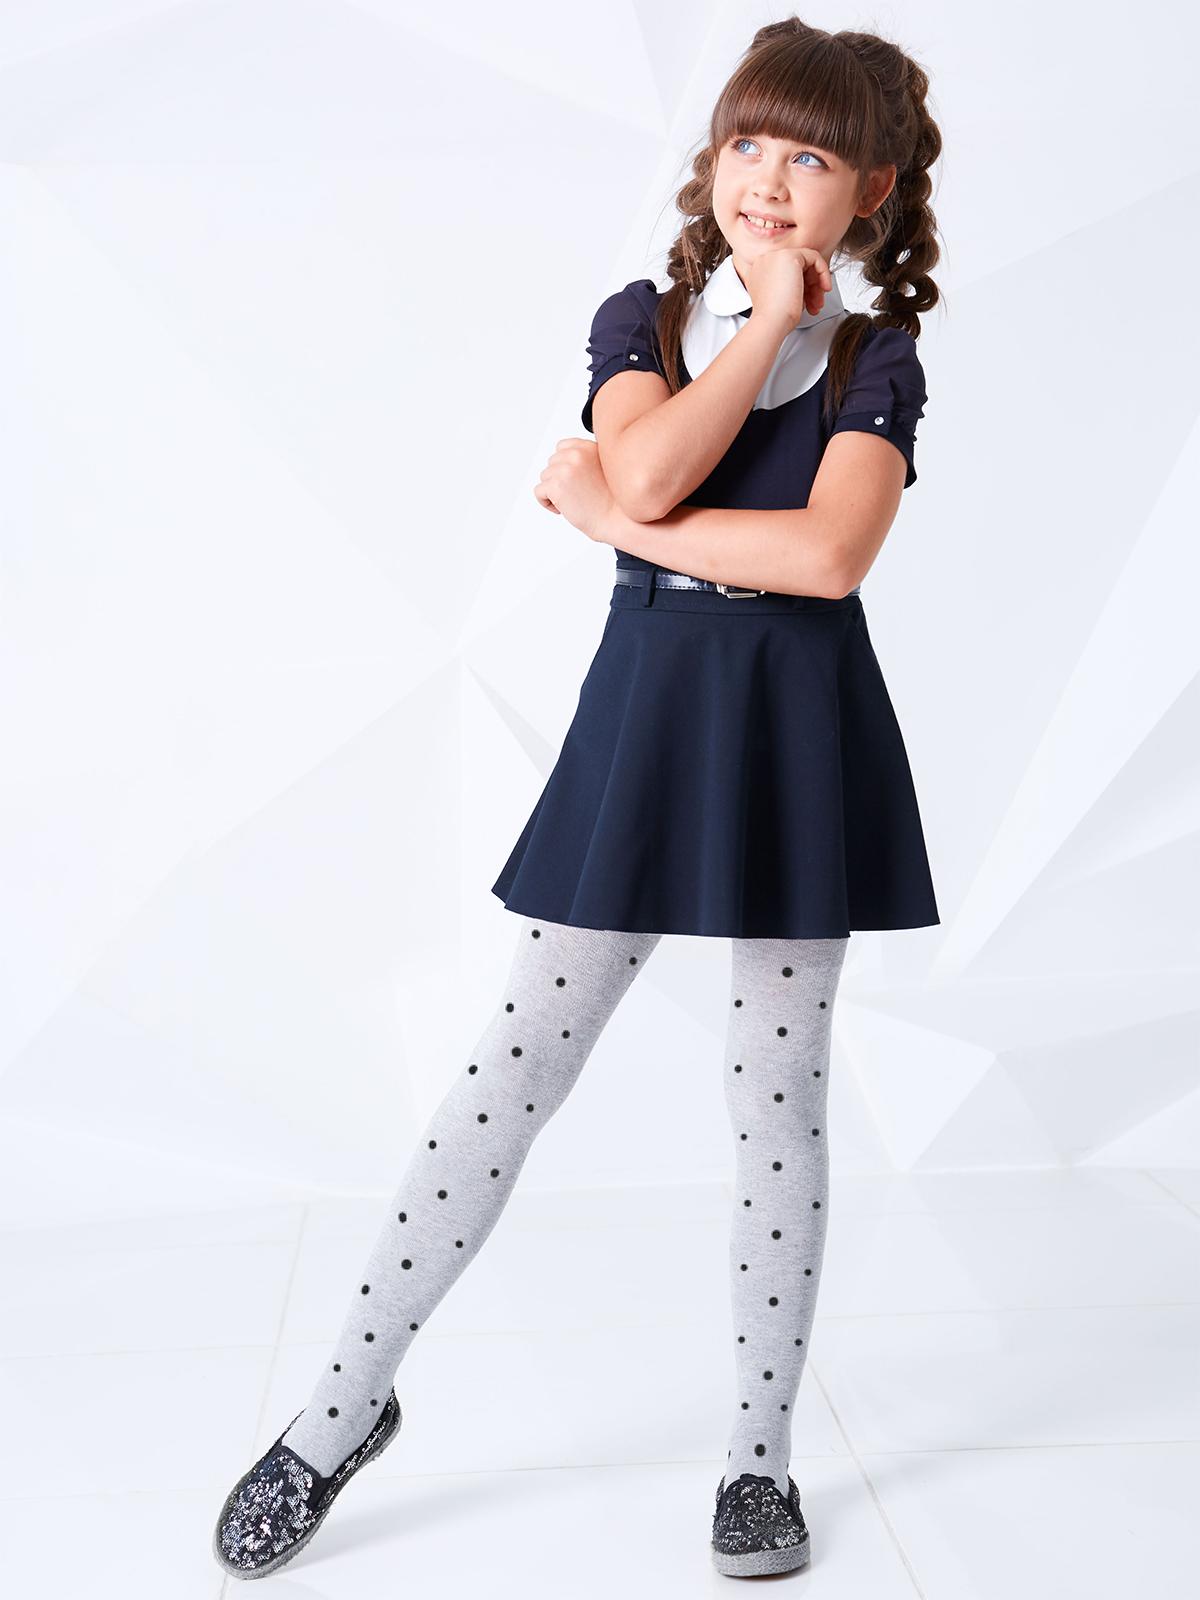 детское платье с колготками